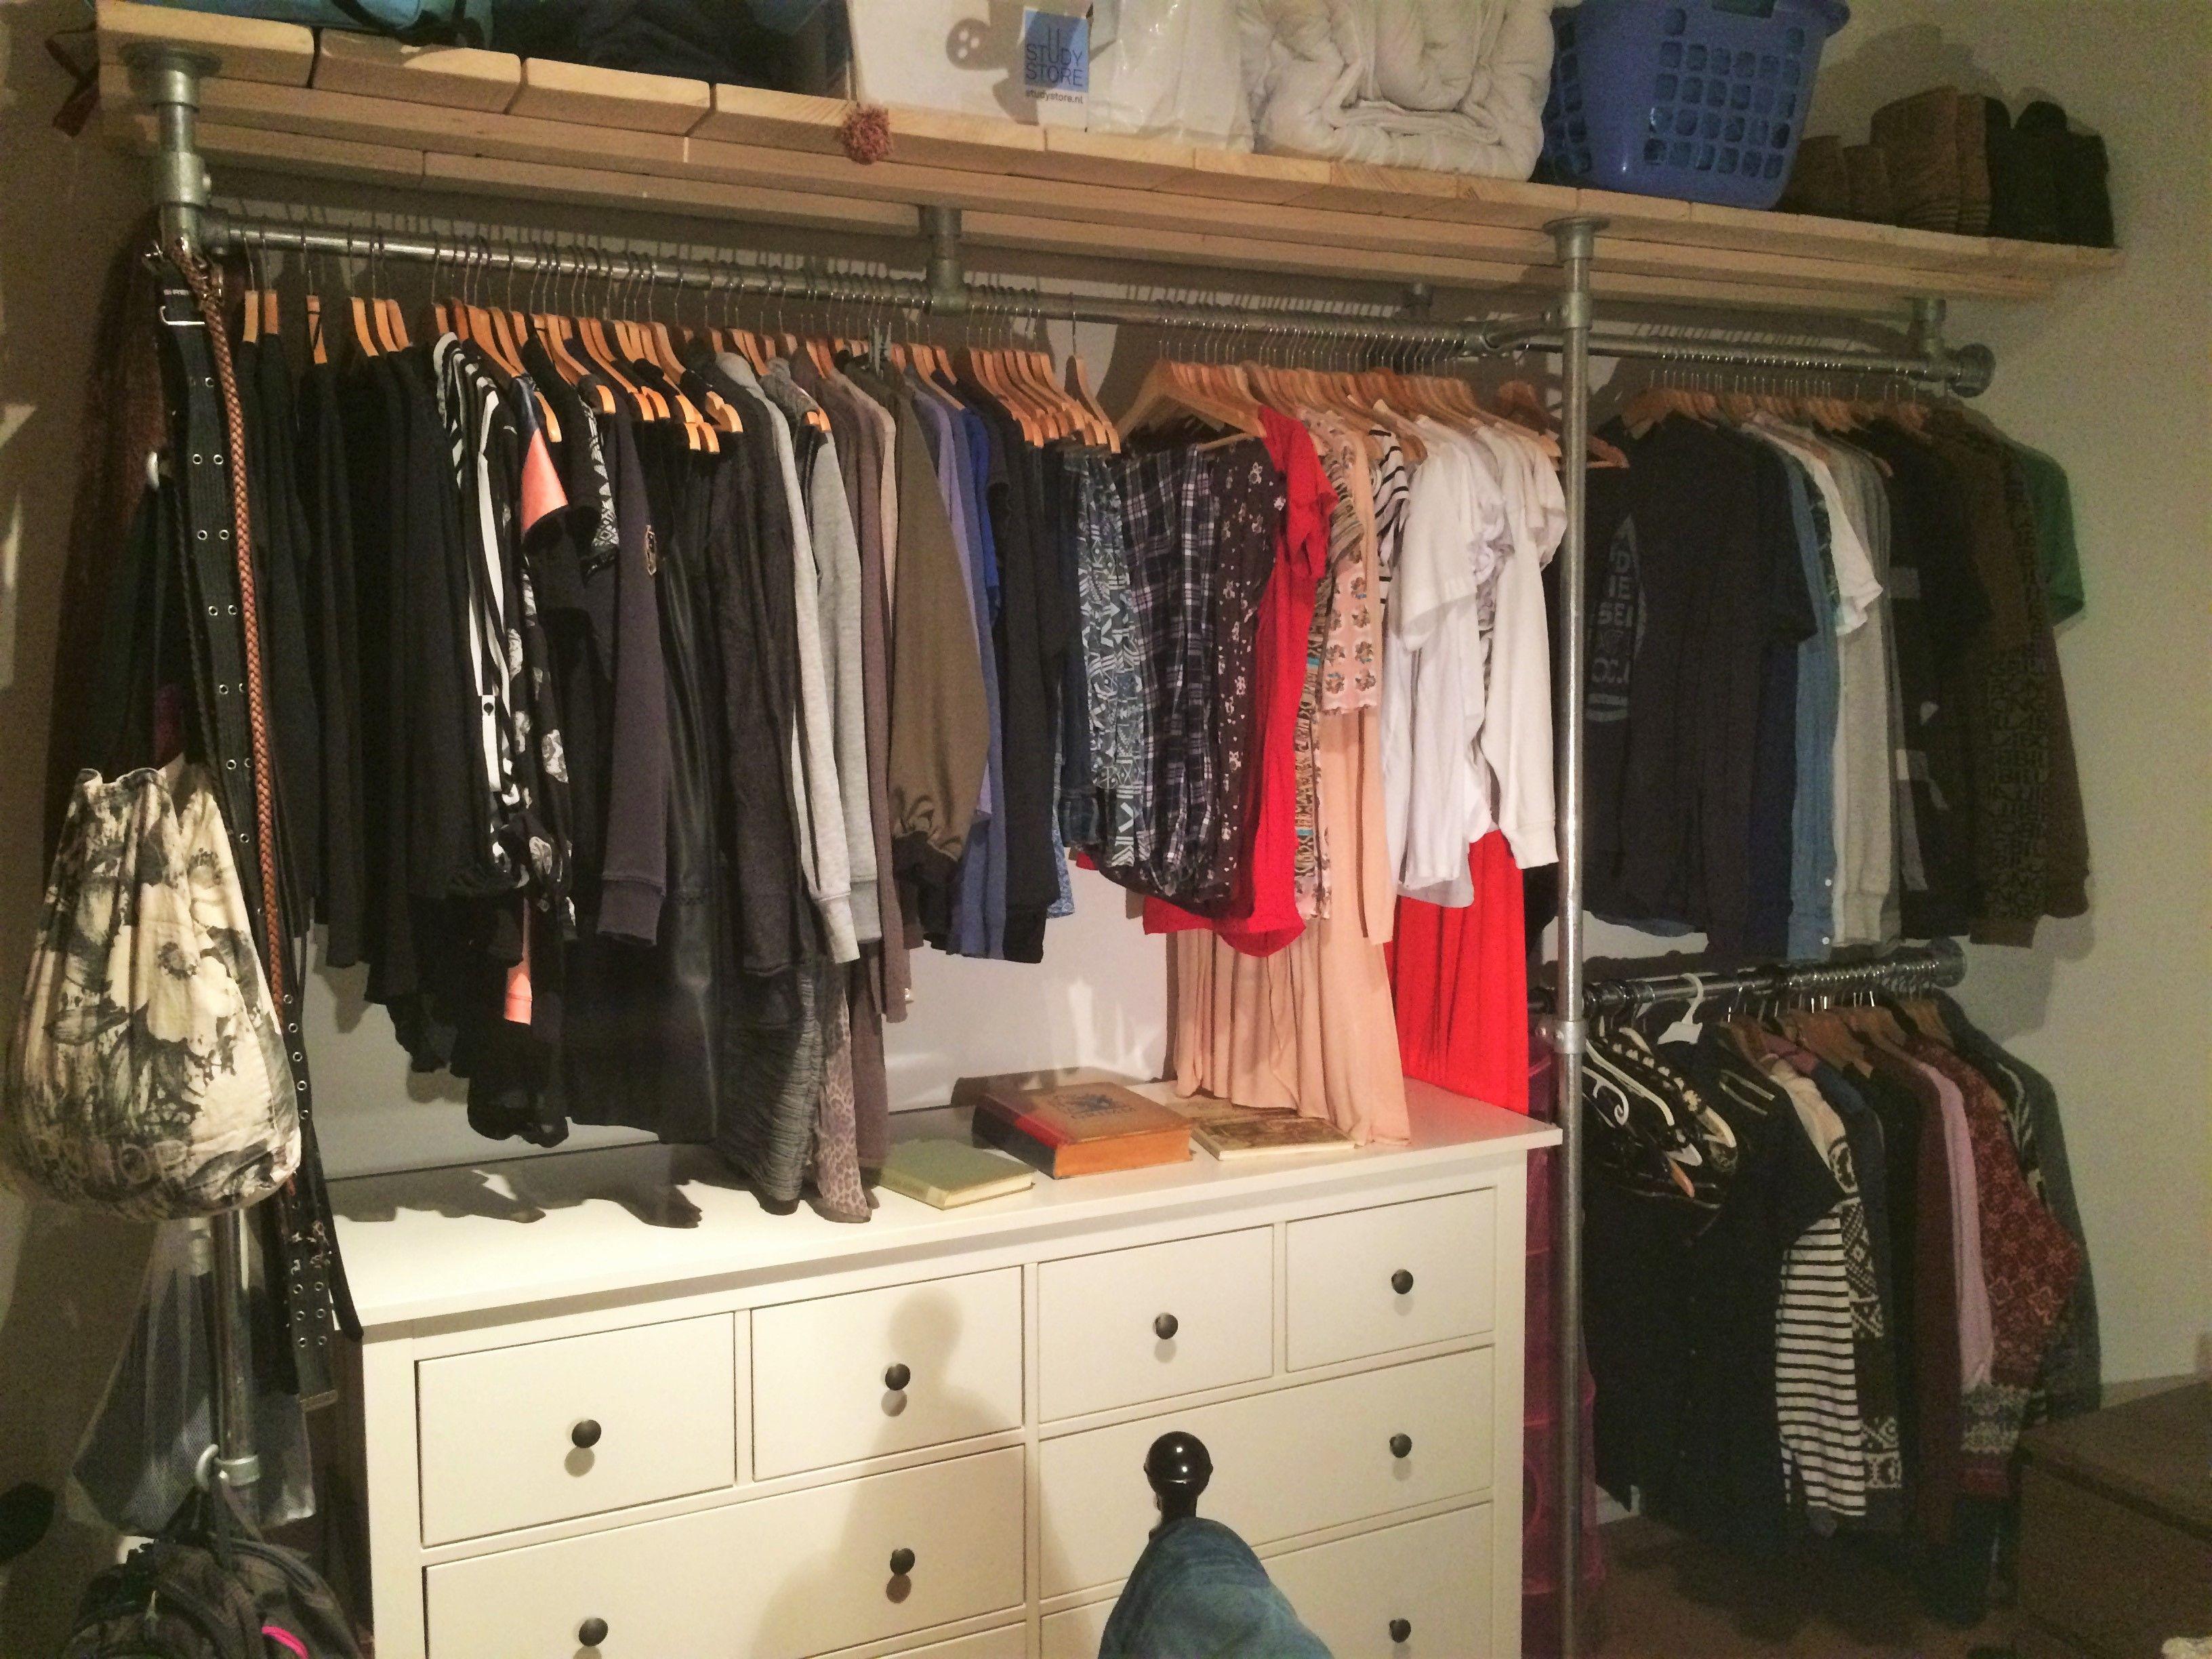 Creatief Met Inloopkast : Image result for creatieve steigerbuis houten kasten my new closet